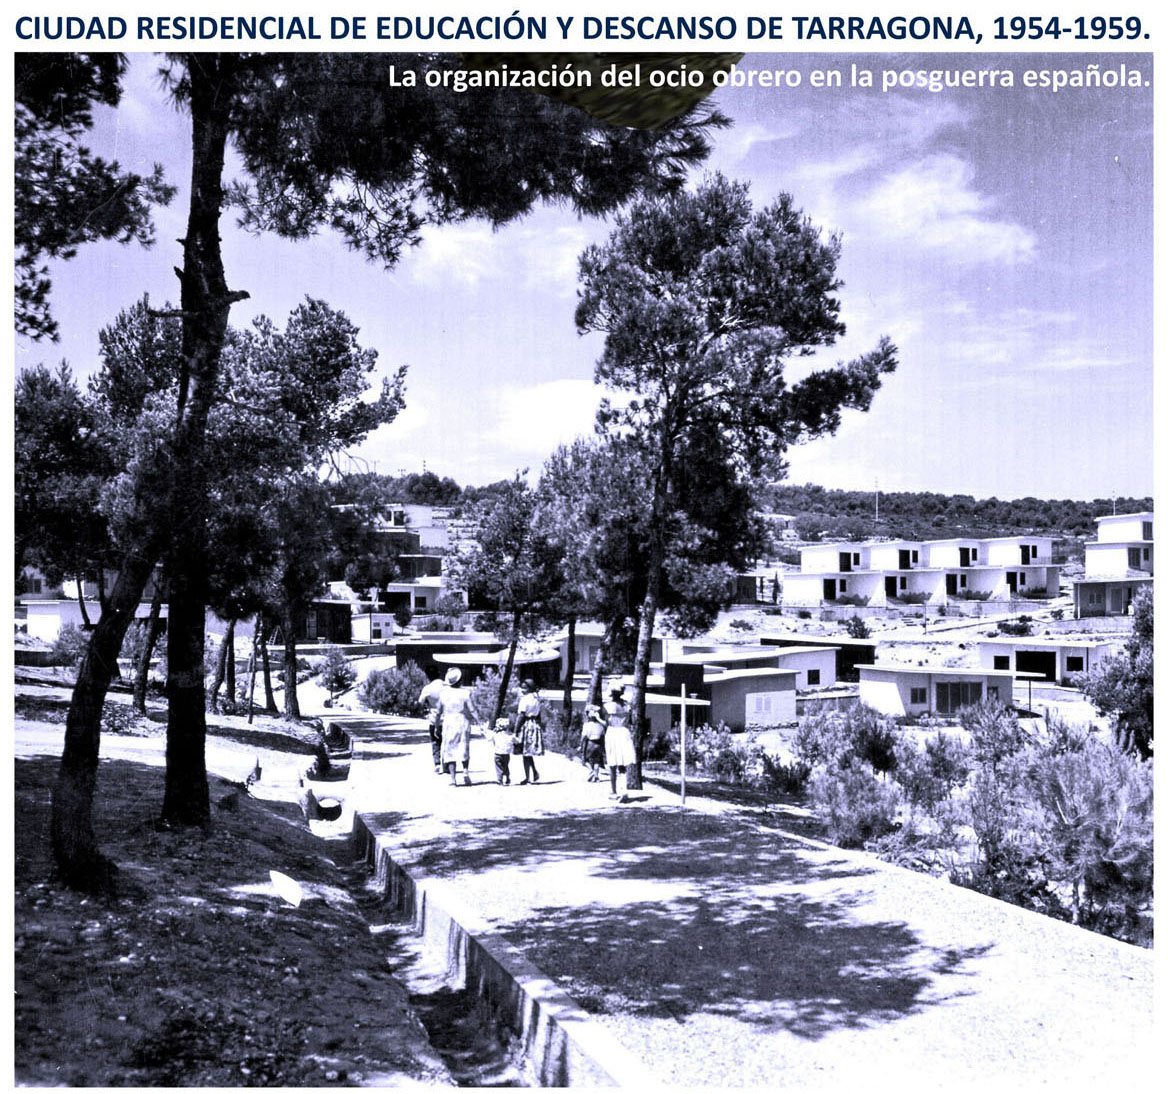 La Ciudad Residencial de Educación y Descanso de Tarragona, 1954‐1959